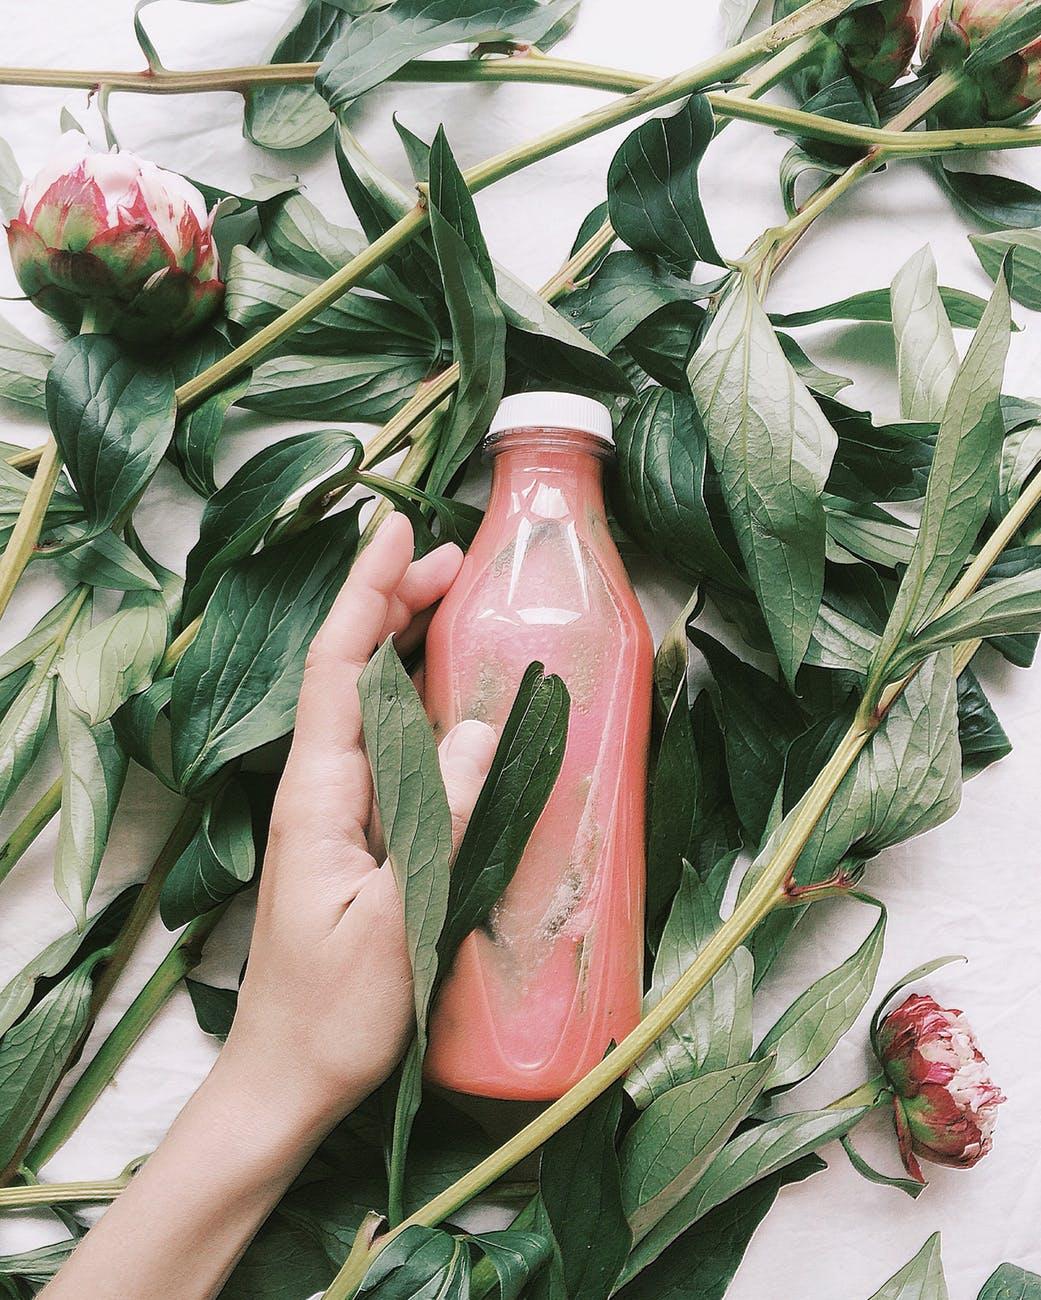 juice on leaves.jpeg